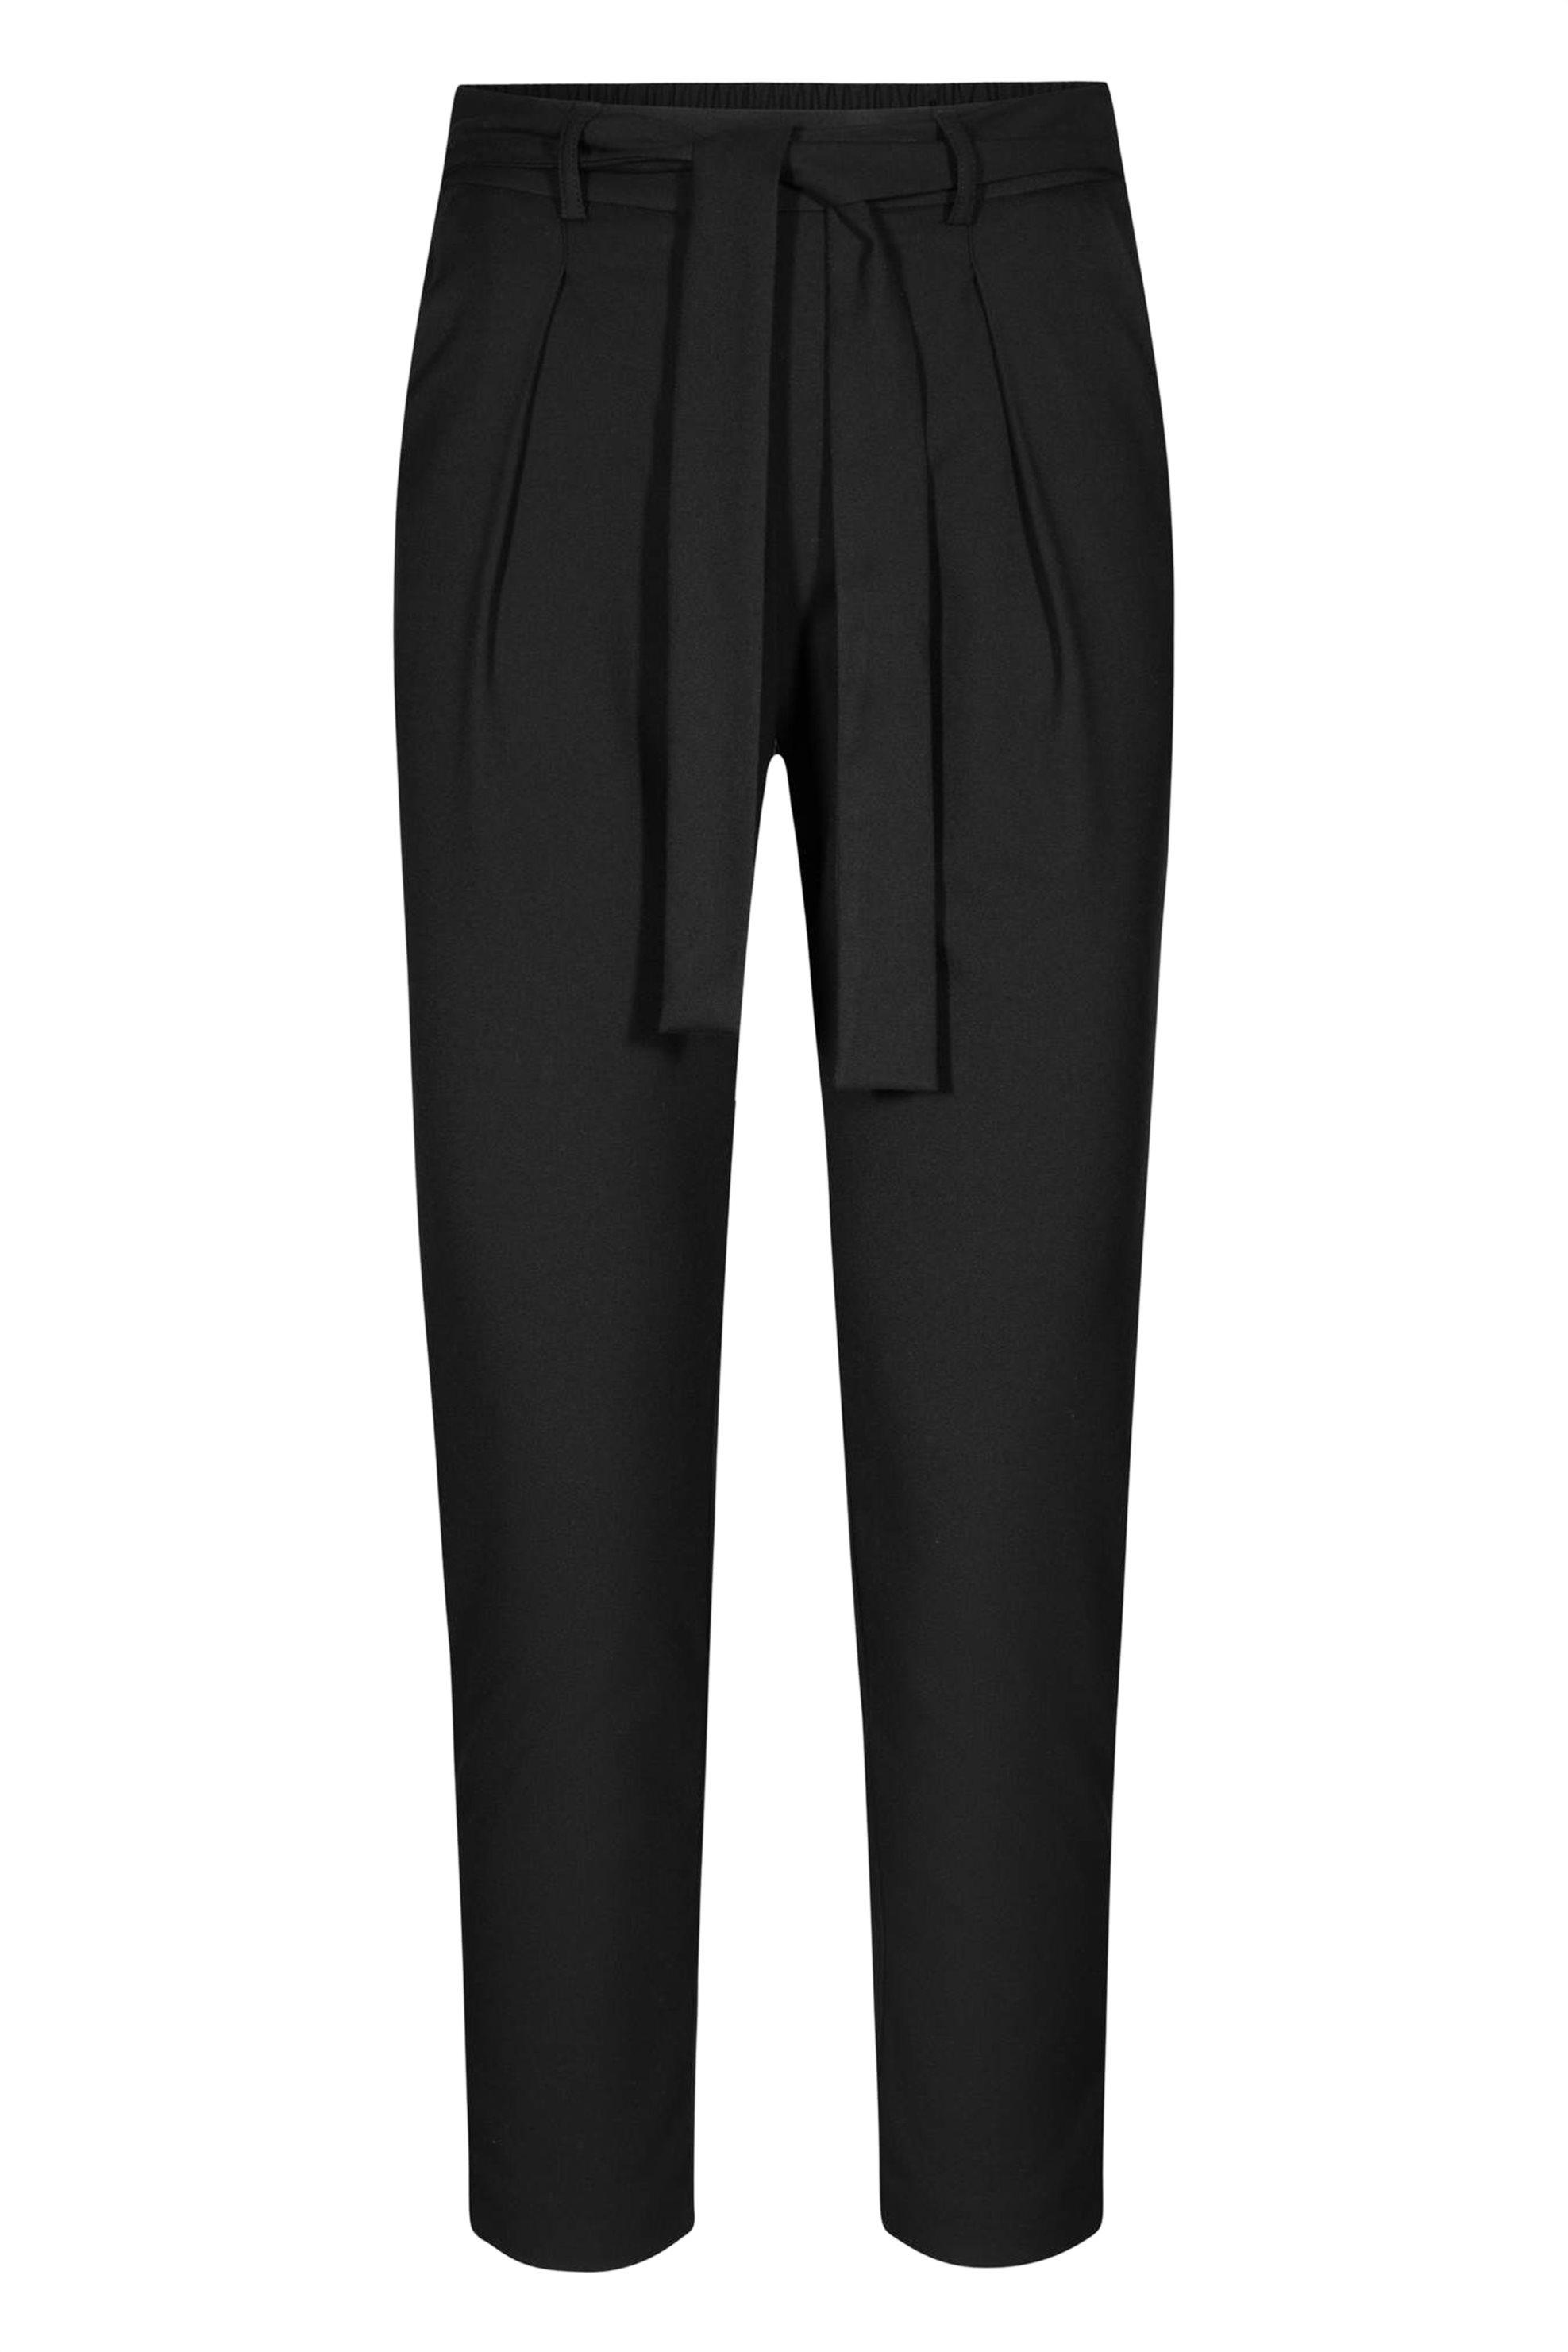 Orsay γυναικείο παντελόνι ψηλόμεσο με ζώνη - 352217-660000 - Μαύρο γυναικα   ρουχα   παντελόνια   cropped